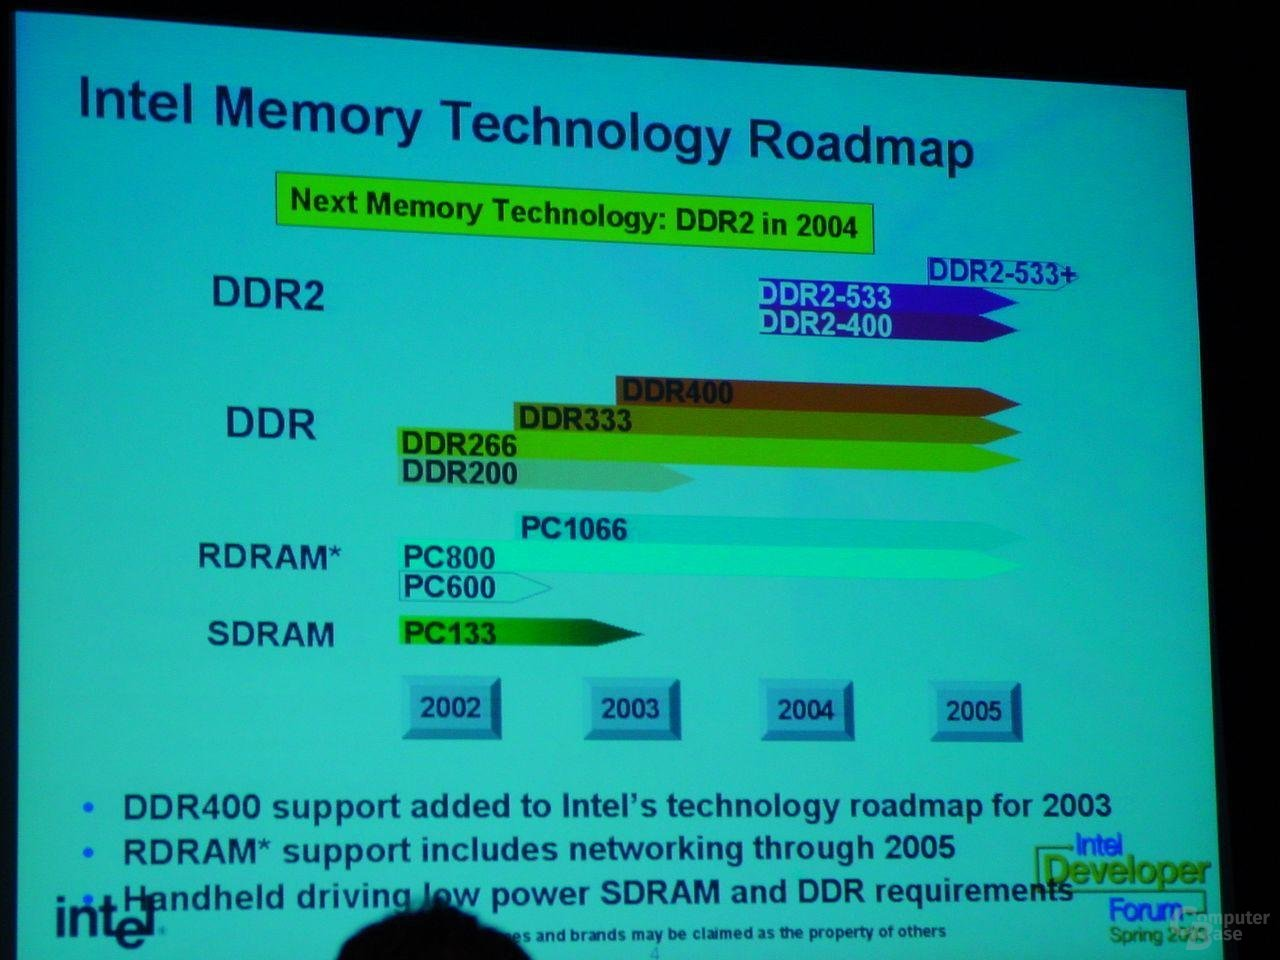 Memory Roadmap